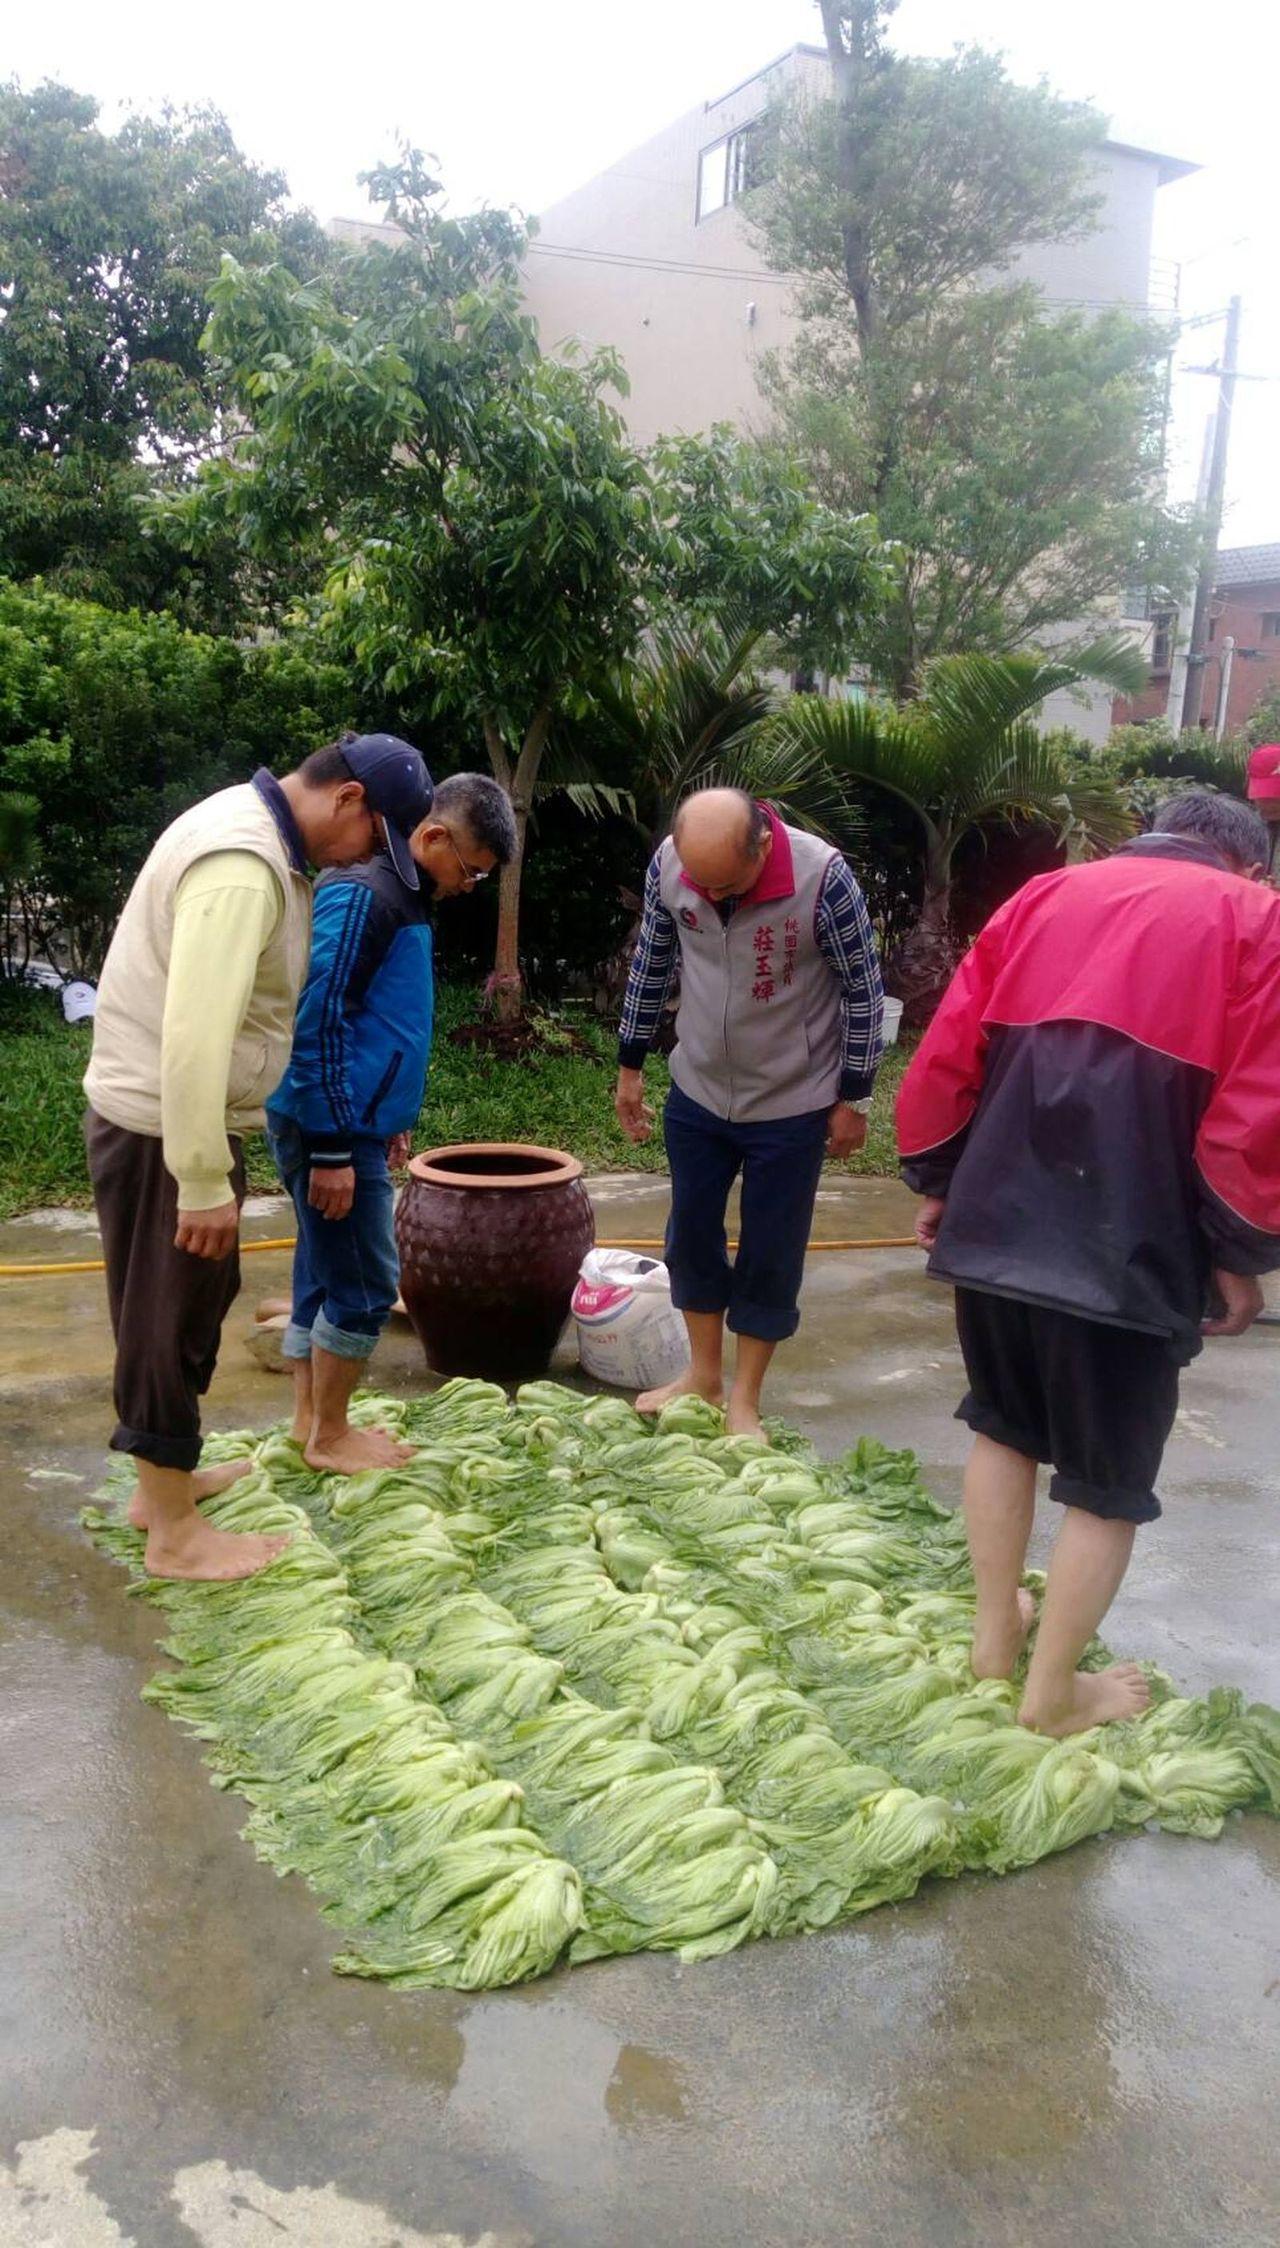 平鎮區農會將舉辦千人腳踩醃製客家酸菜活動,活動前邀有經驗農民,試作客家酸菜。圖/...